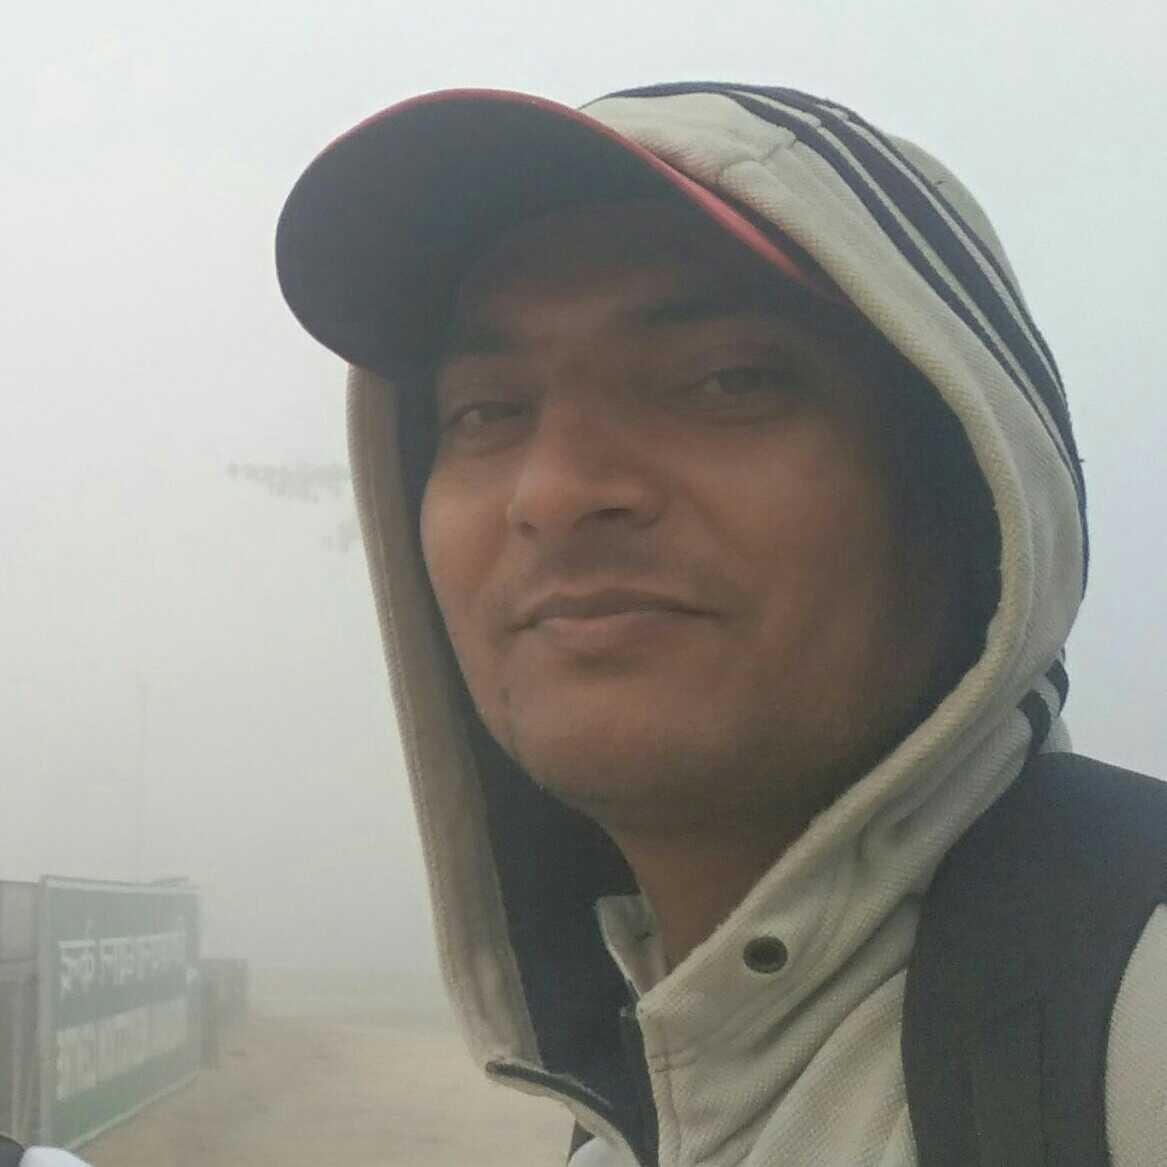 Dhammapal bhalerao